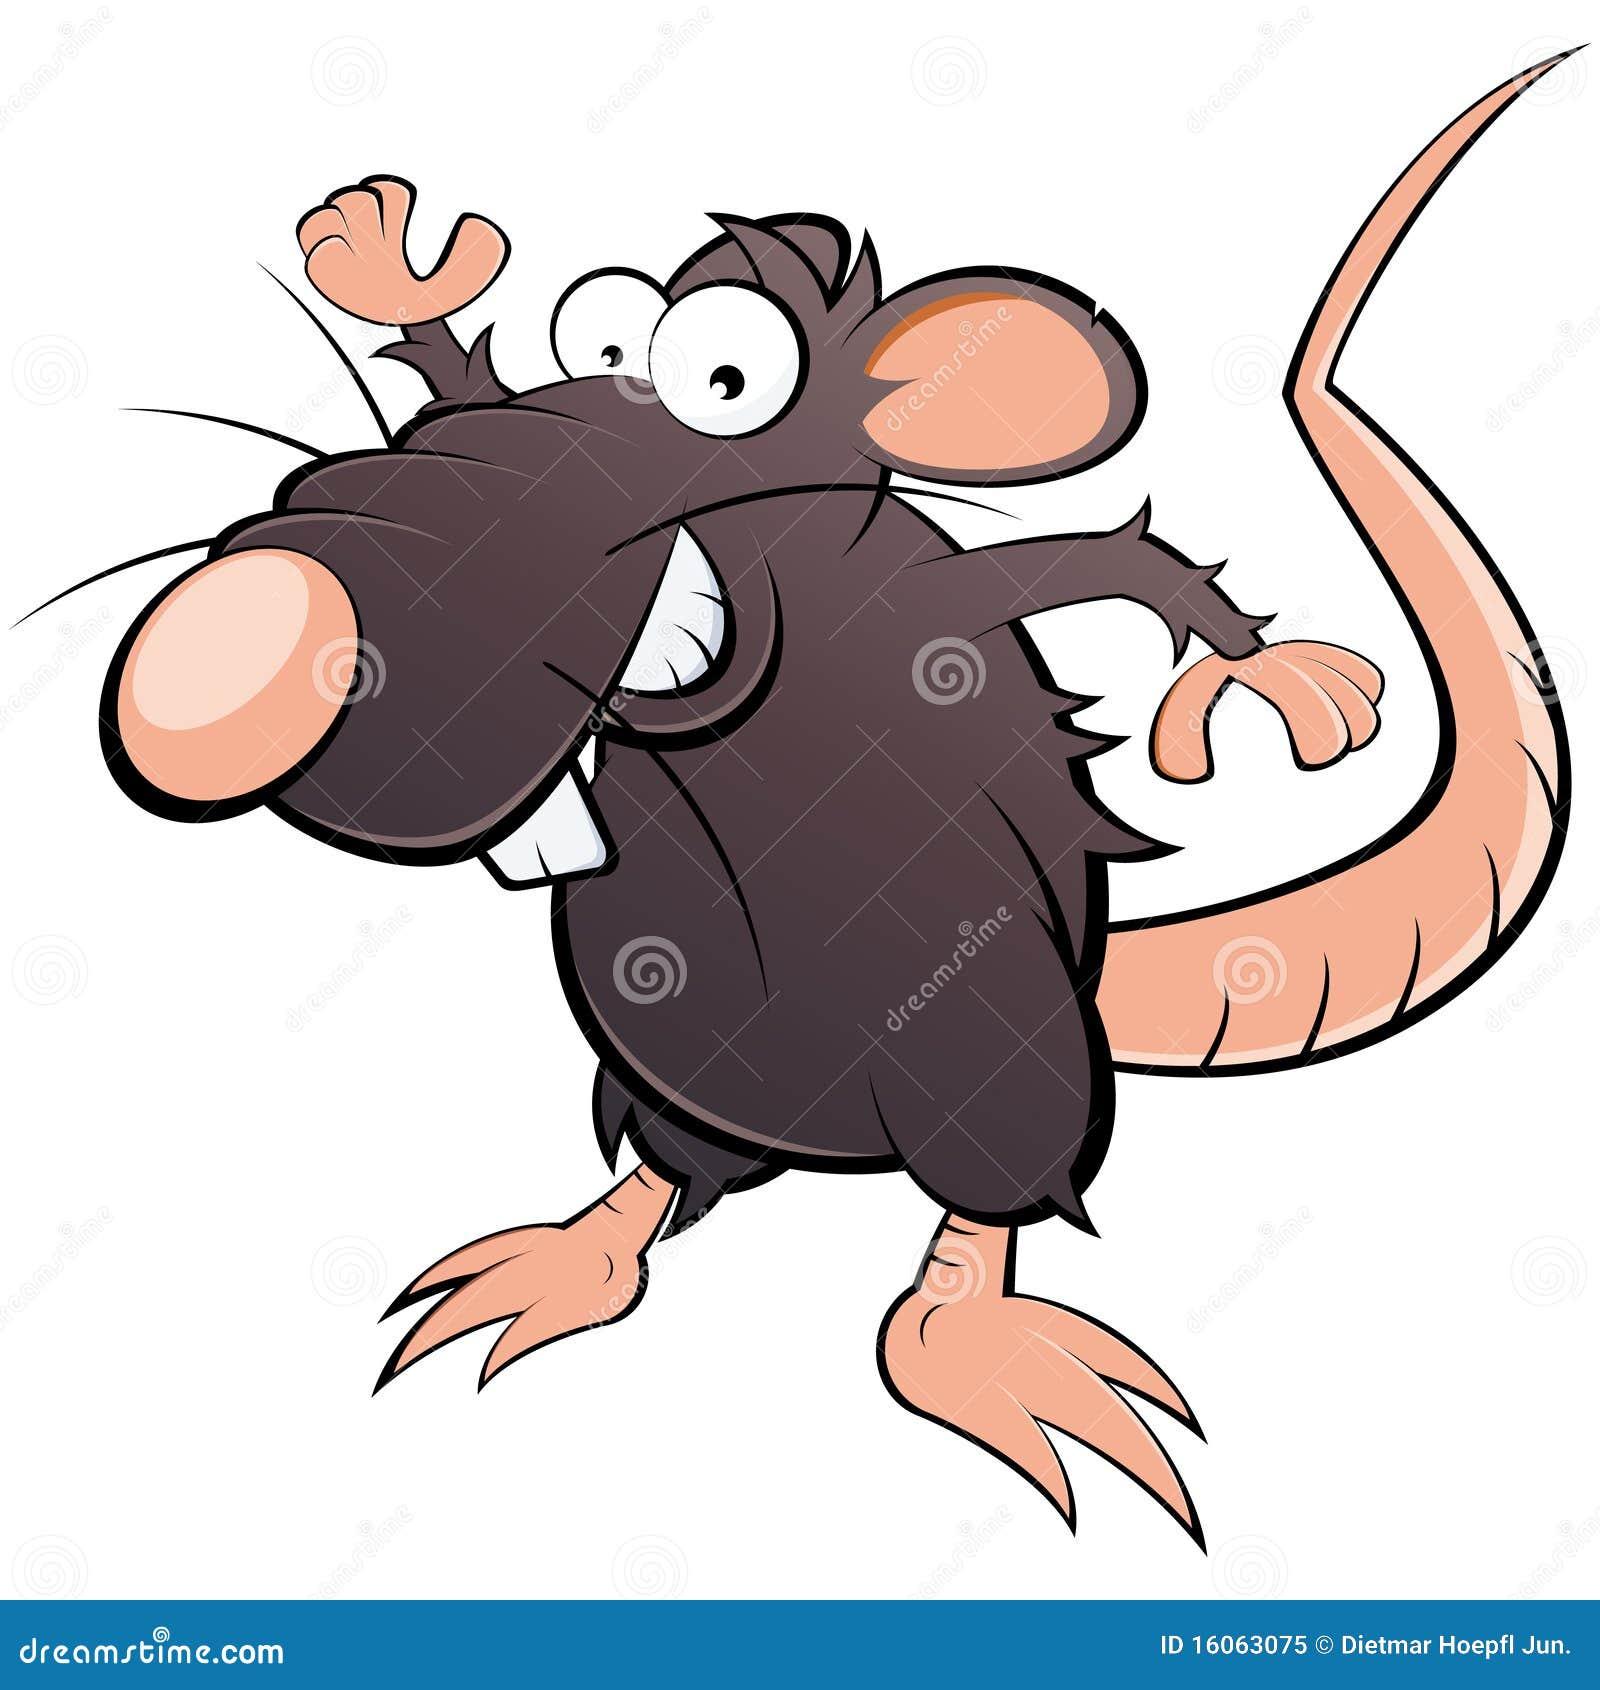 Dessin anim plein d 39 humour de rat illustration de vecteur - Dessin d un rat ...